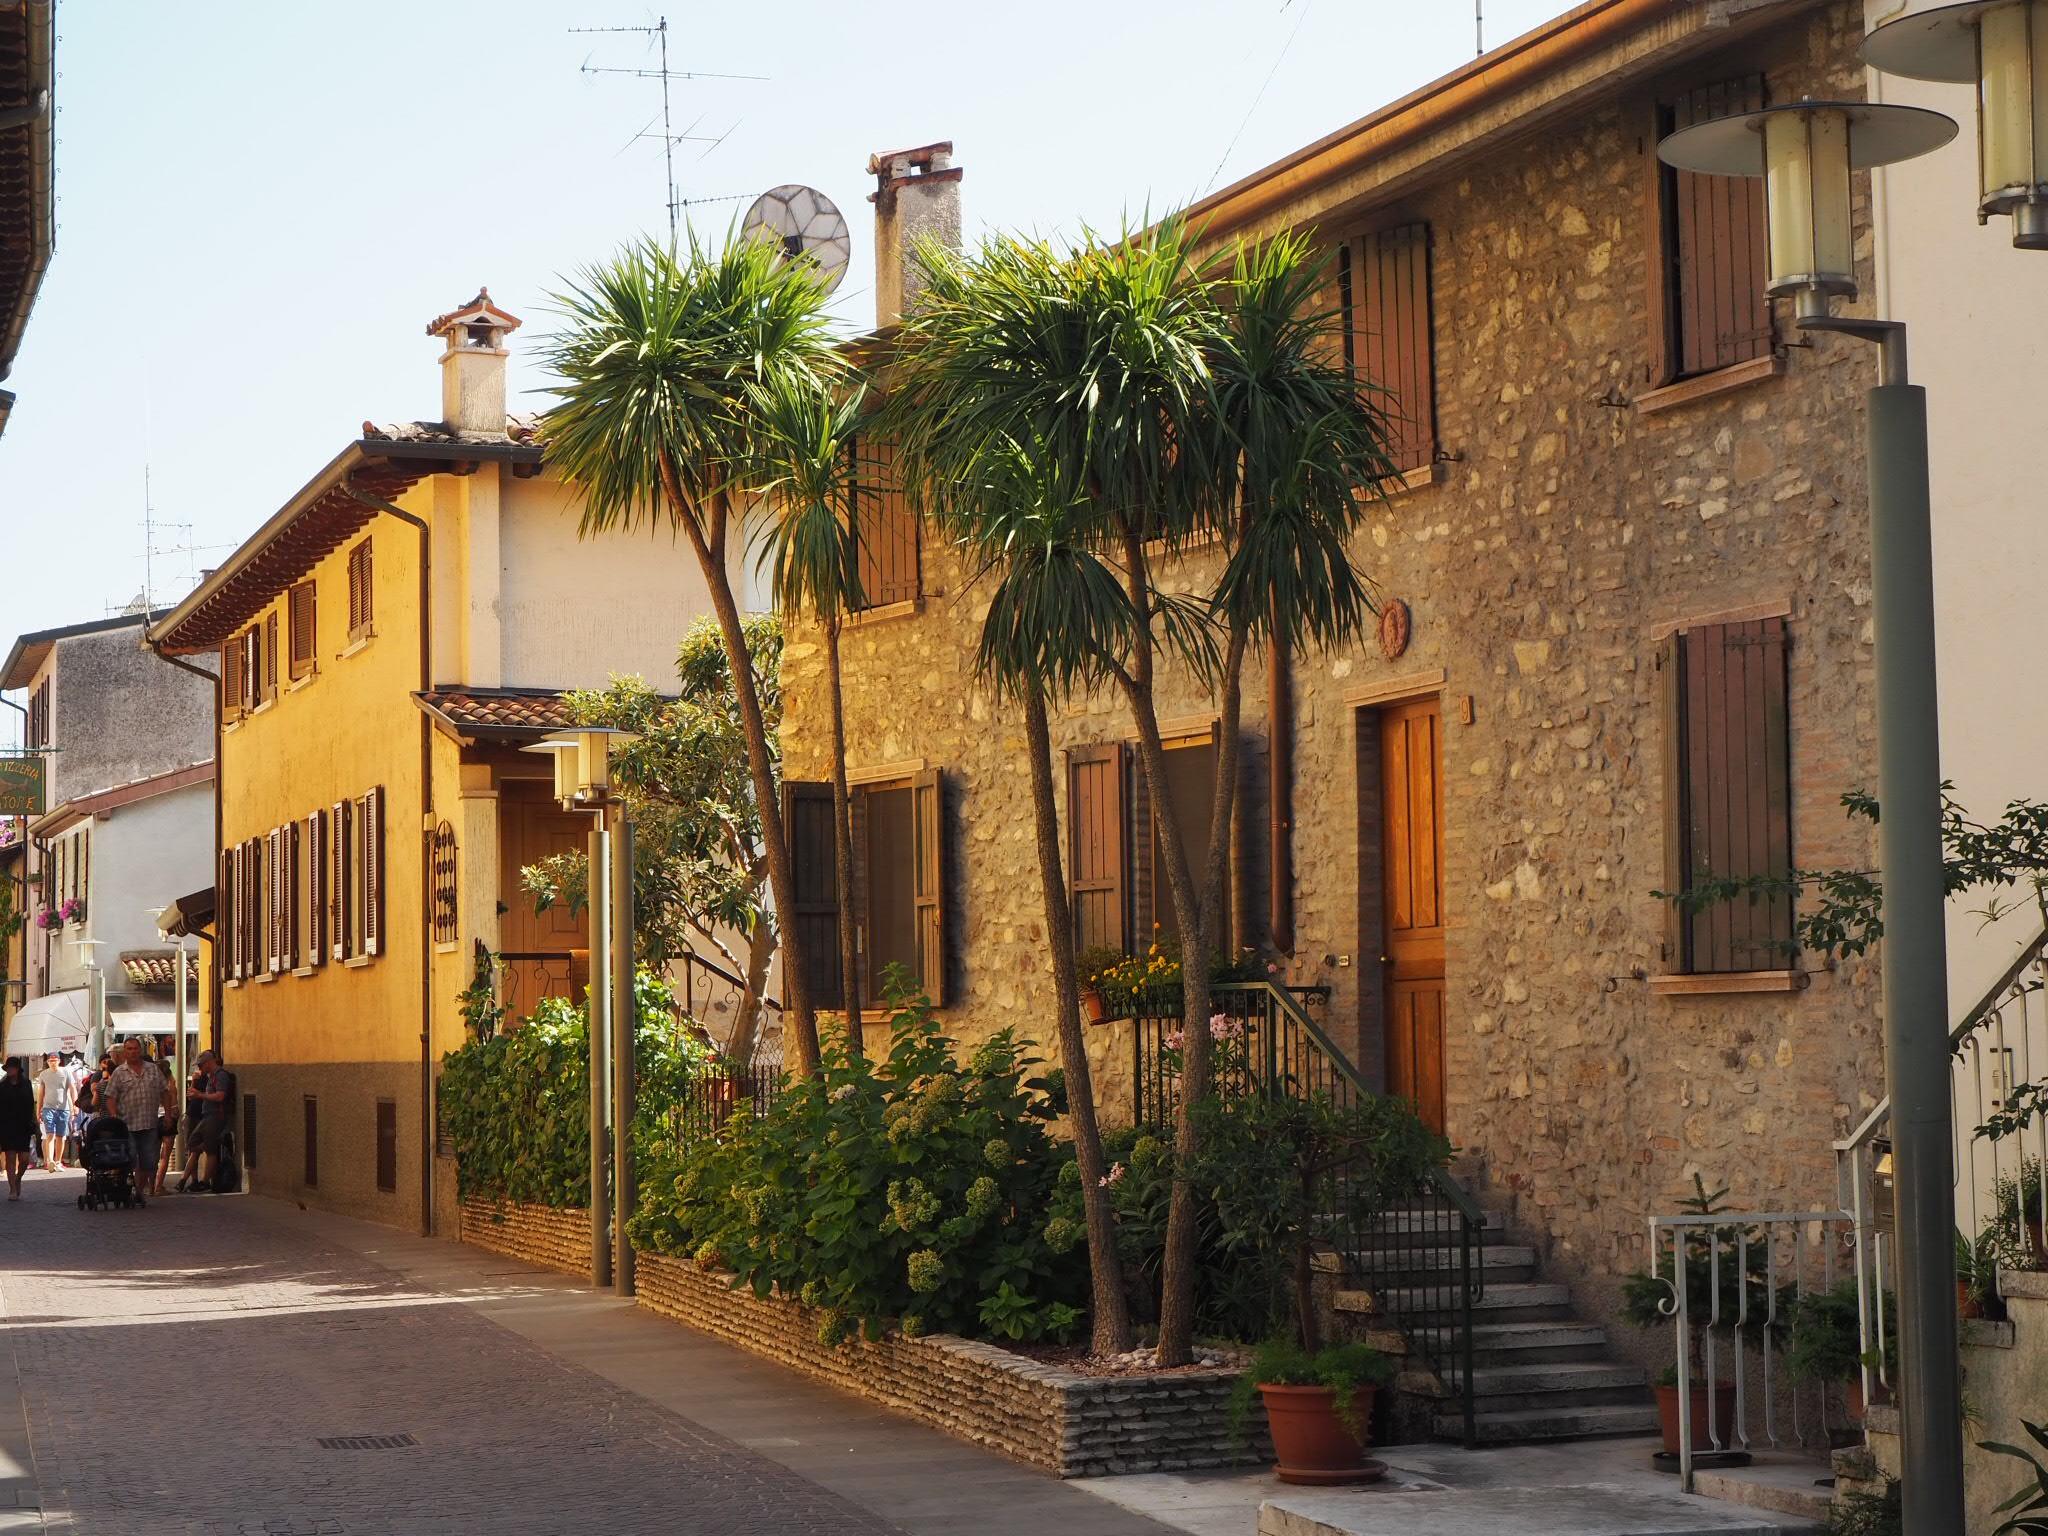 Historische Altstadt von Sirmione